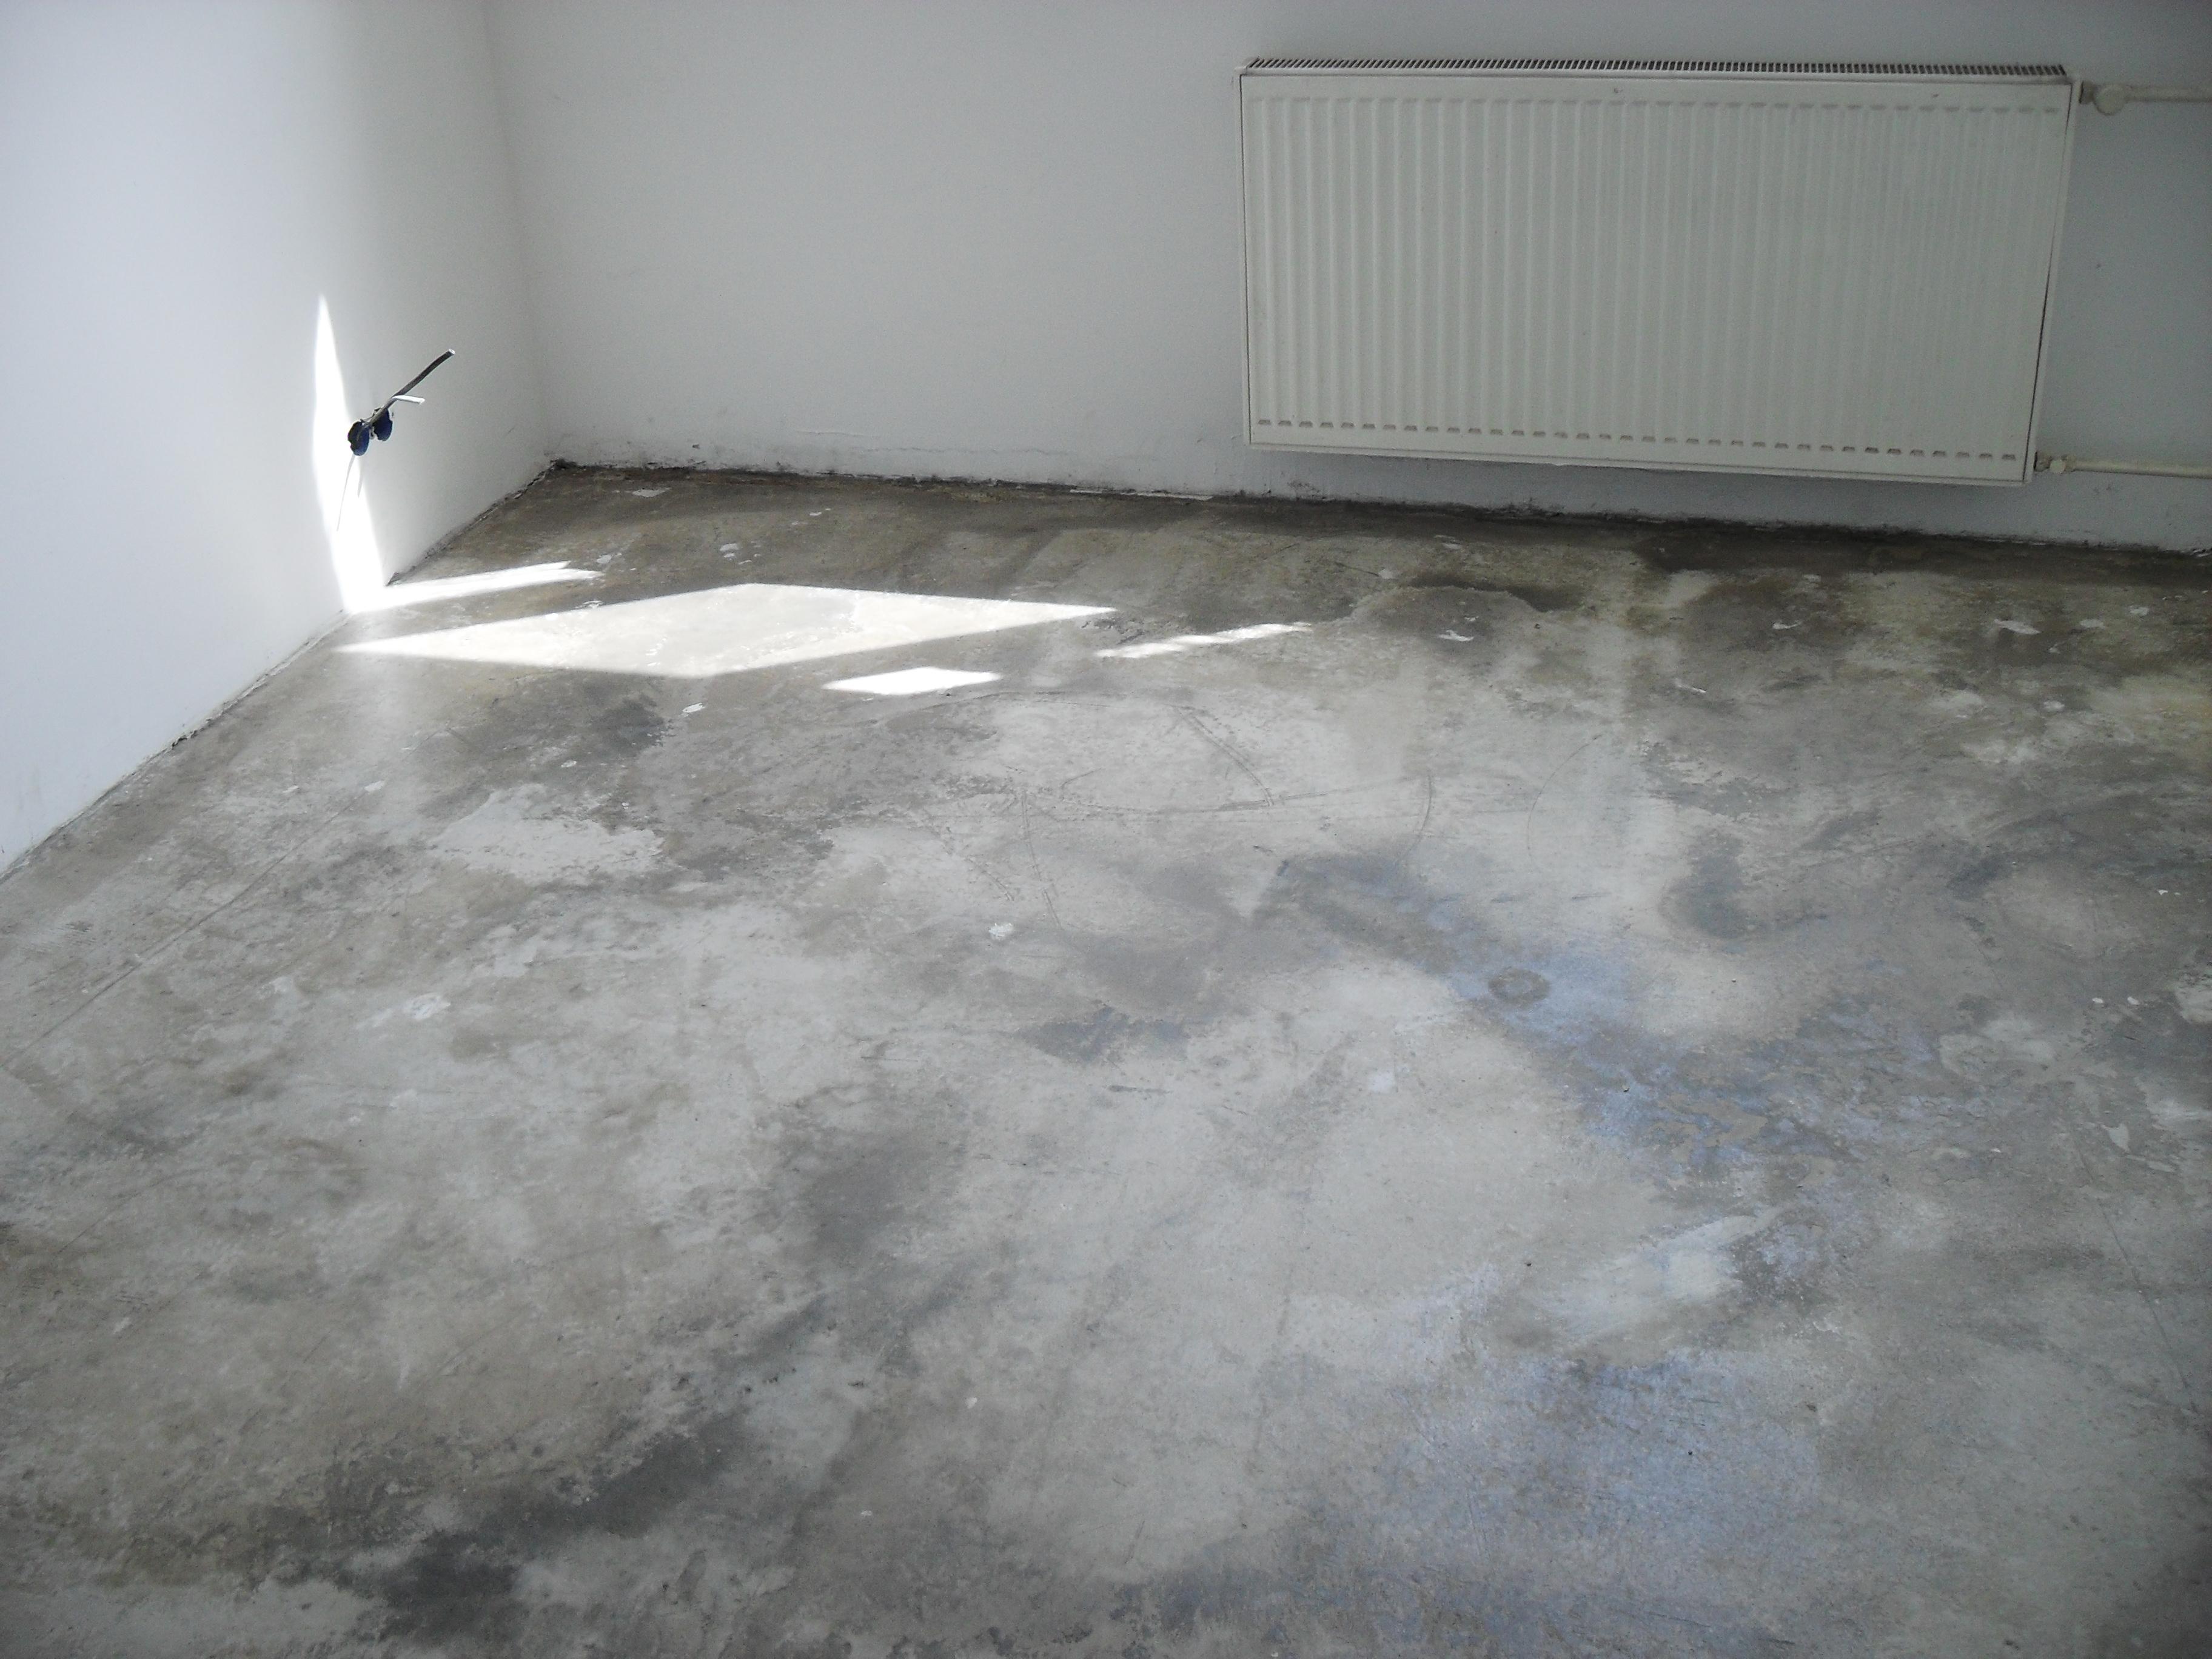 Ремонт полов в квартире наливной пол защита песчаника - гидрофобизатор купить в киеве izovol aqua-rock spain